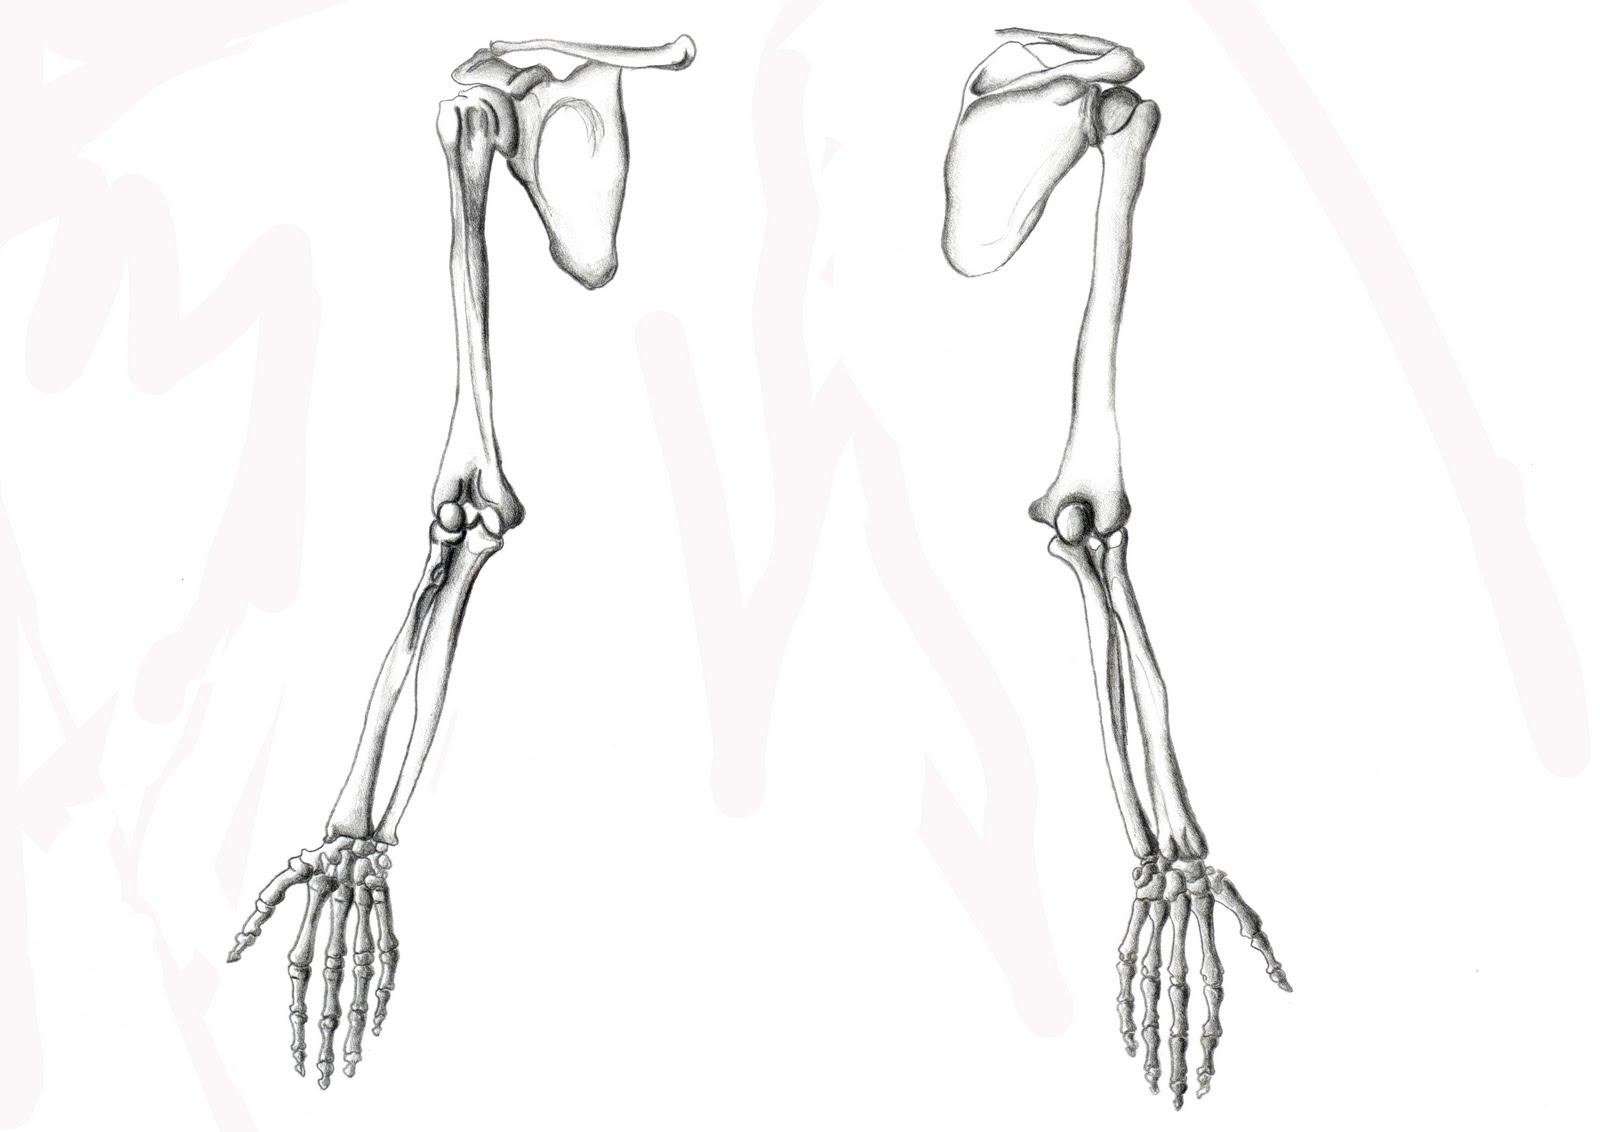 Excepcional Anatomía Del Hueso De La Extremidad Superior Ornamento ...